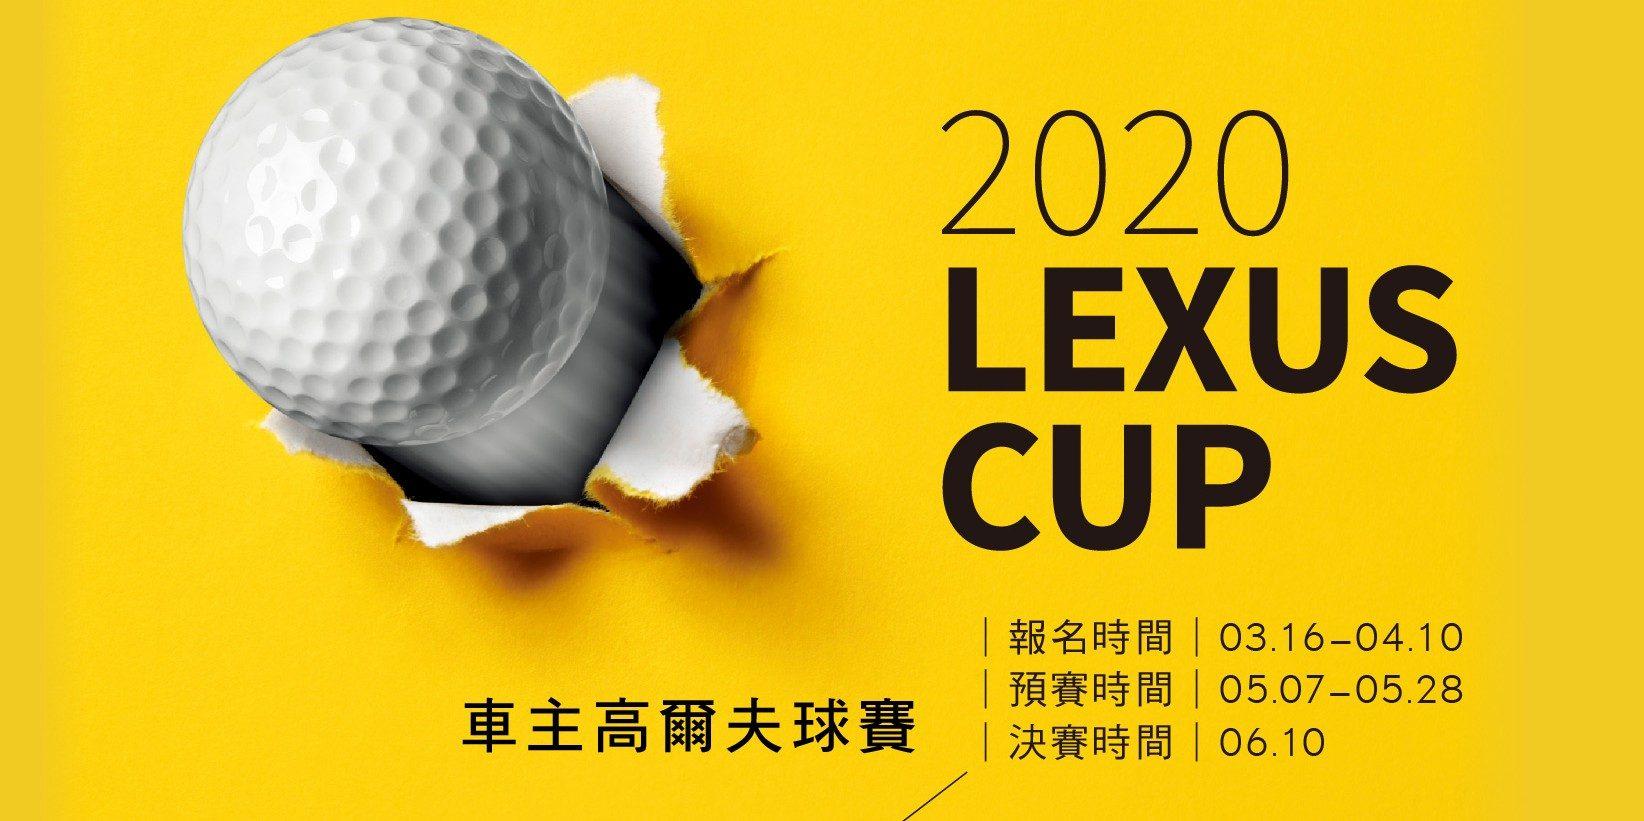 藍天綠地打小白球抗疫情:2020 LEXUS CUP 車主高爾夫球賽,即日起開放報名